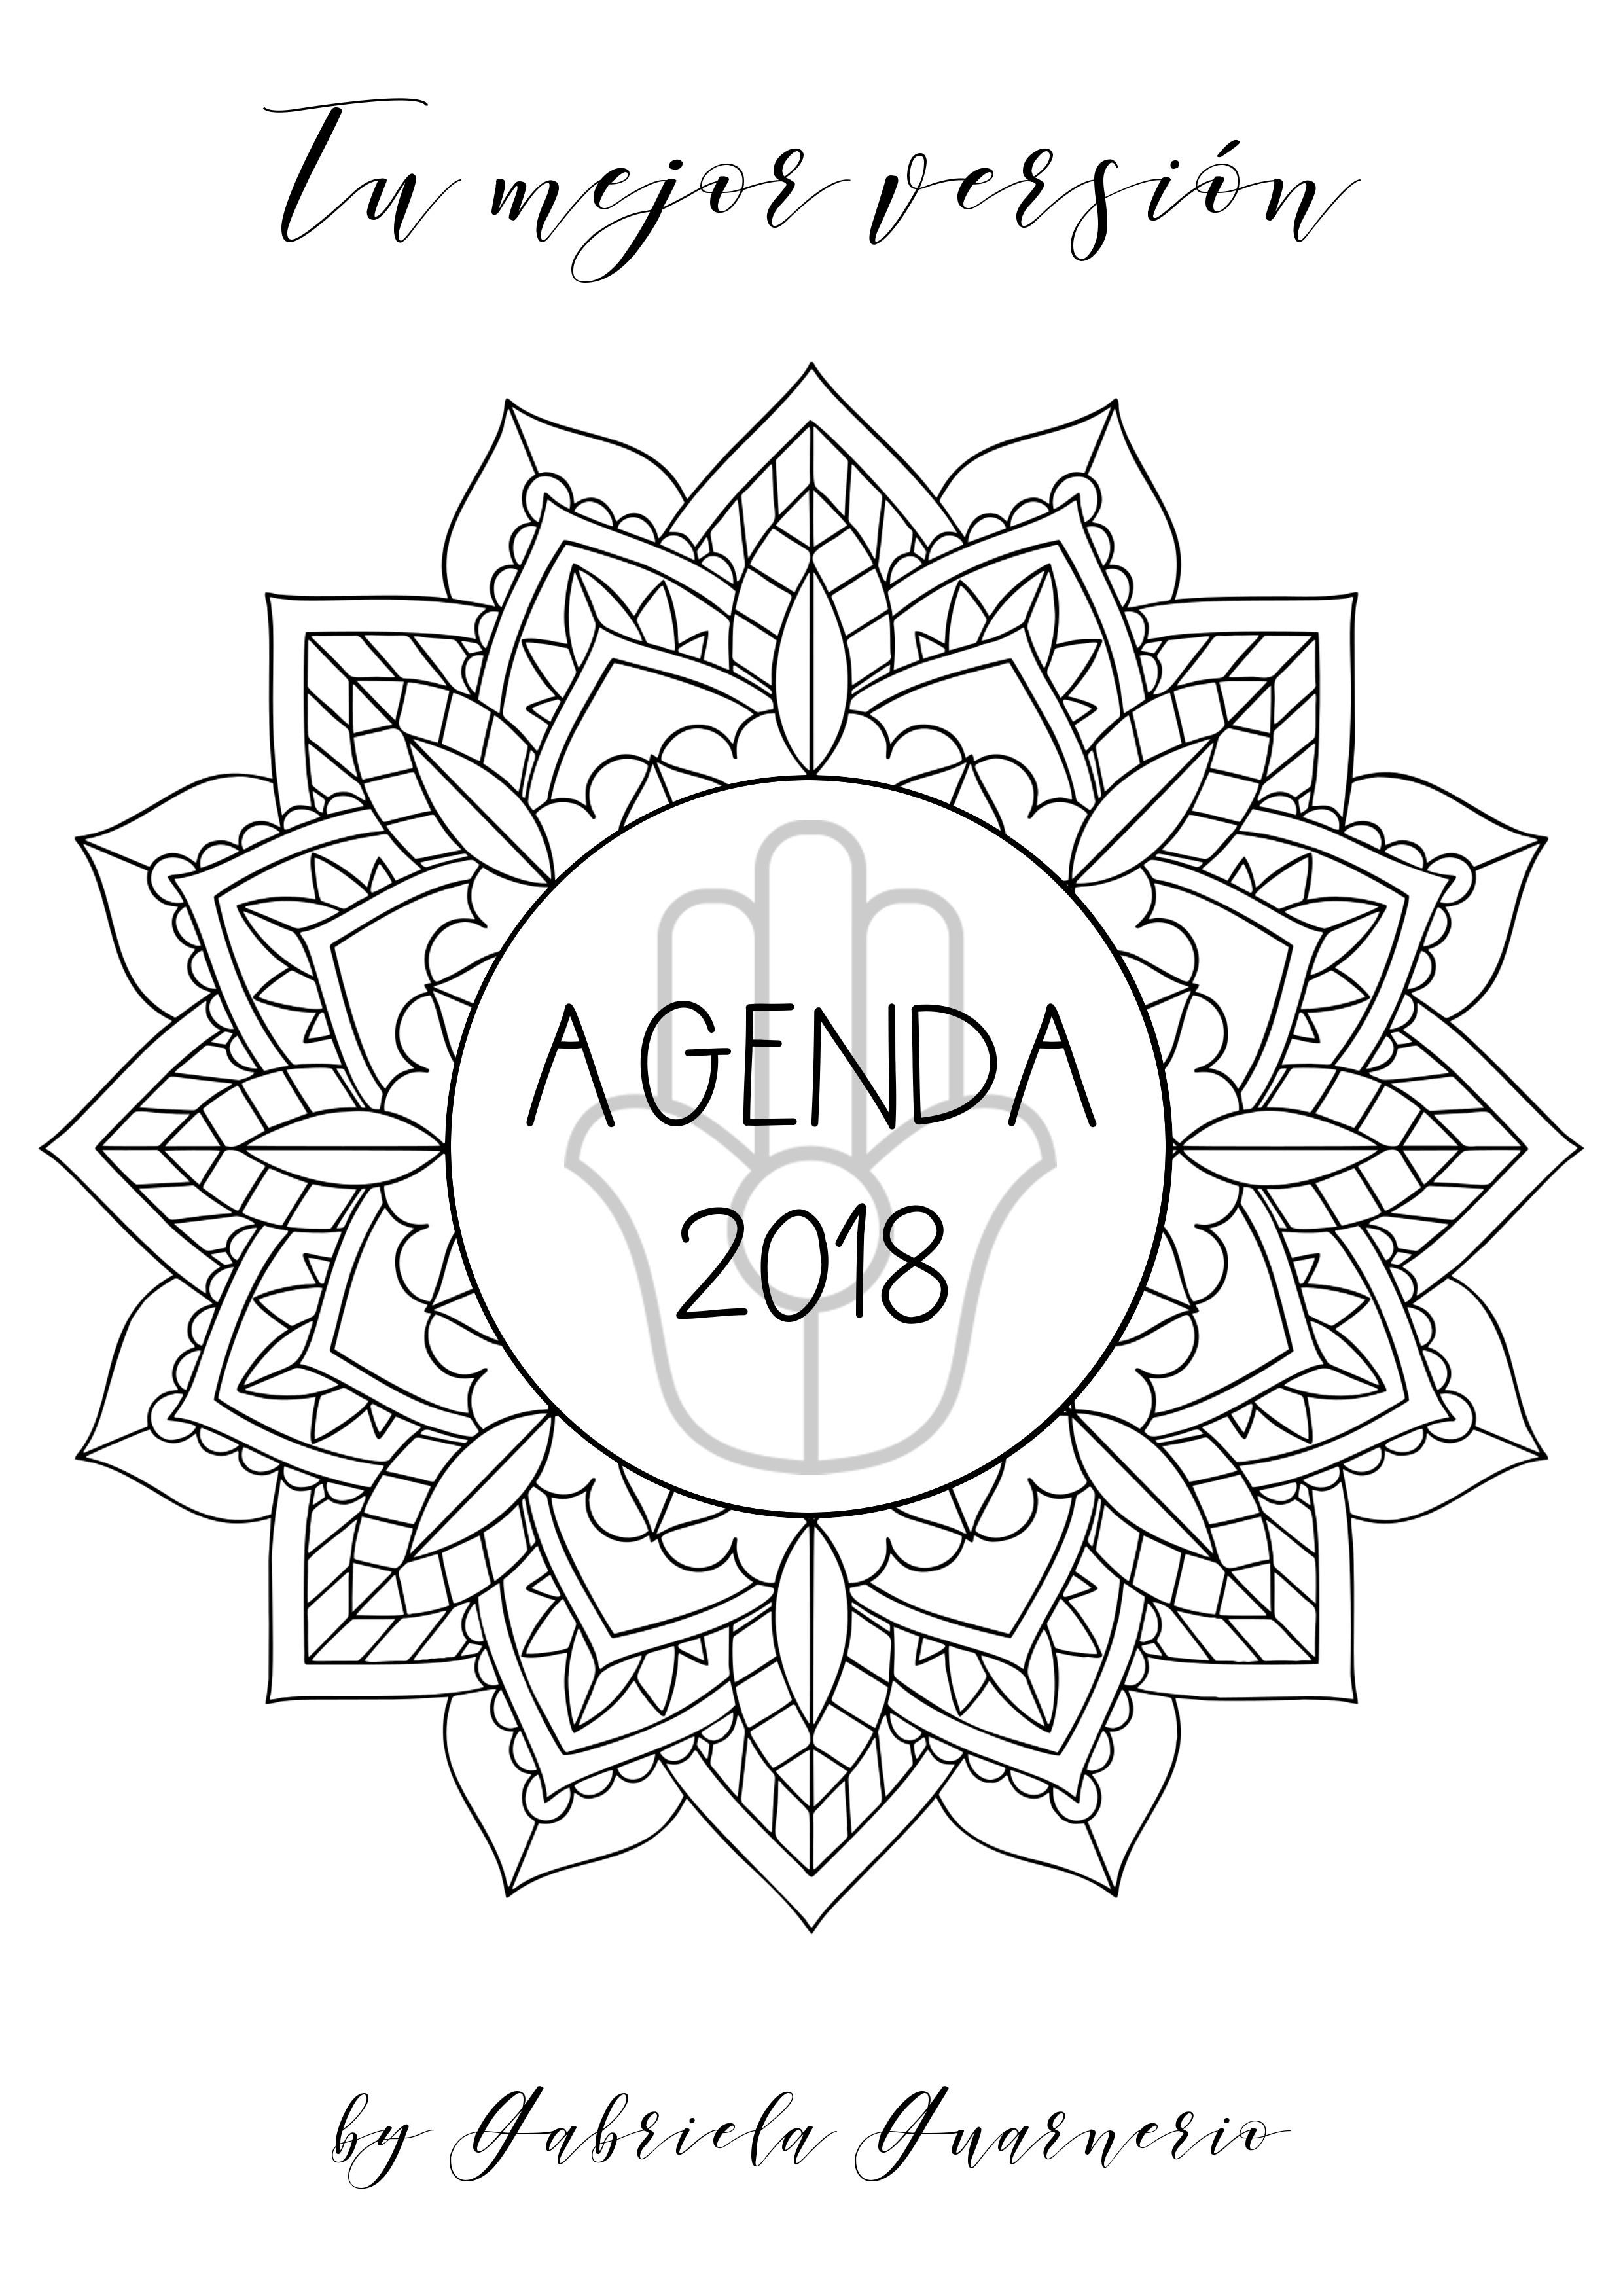 ULTIMOS DIAS Agenda 2018 gratis con mandalas para colorear y consignas de journaling Bullet journal relajacion y planificacion Dise±a tu mejor a±o